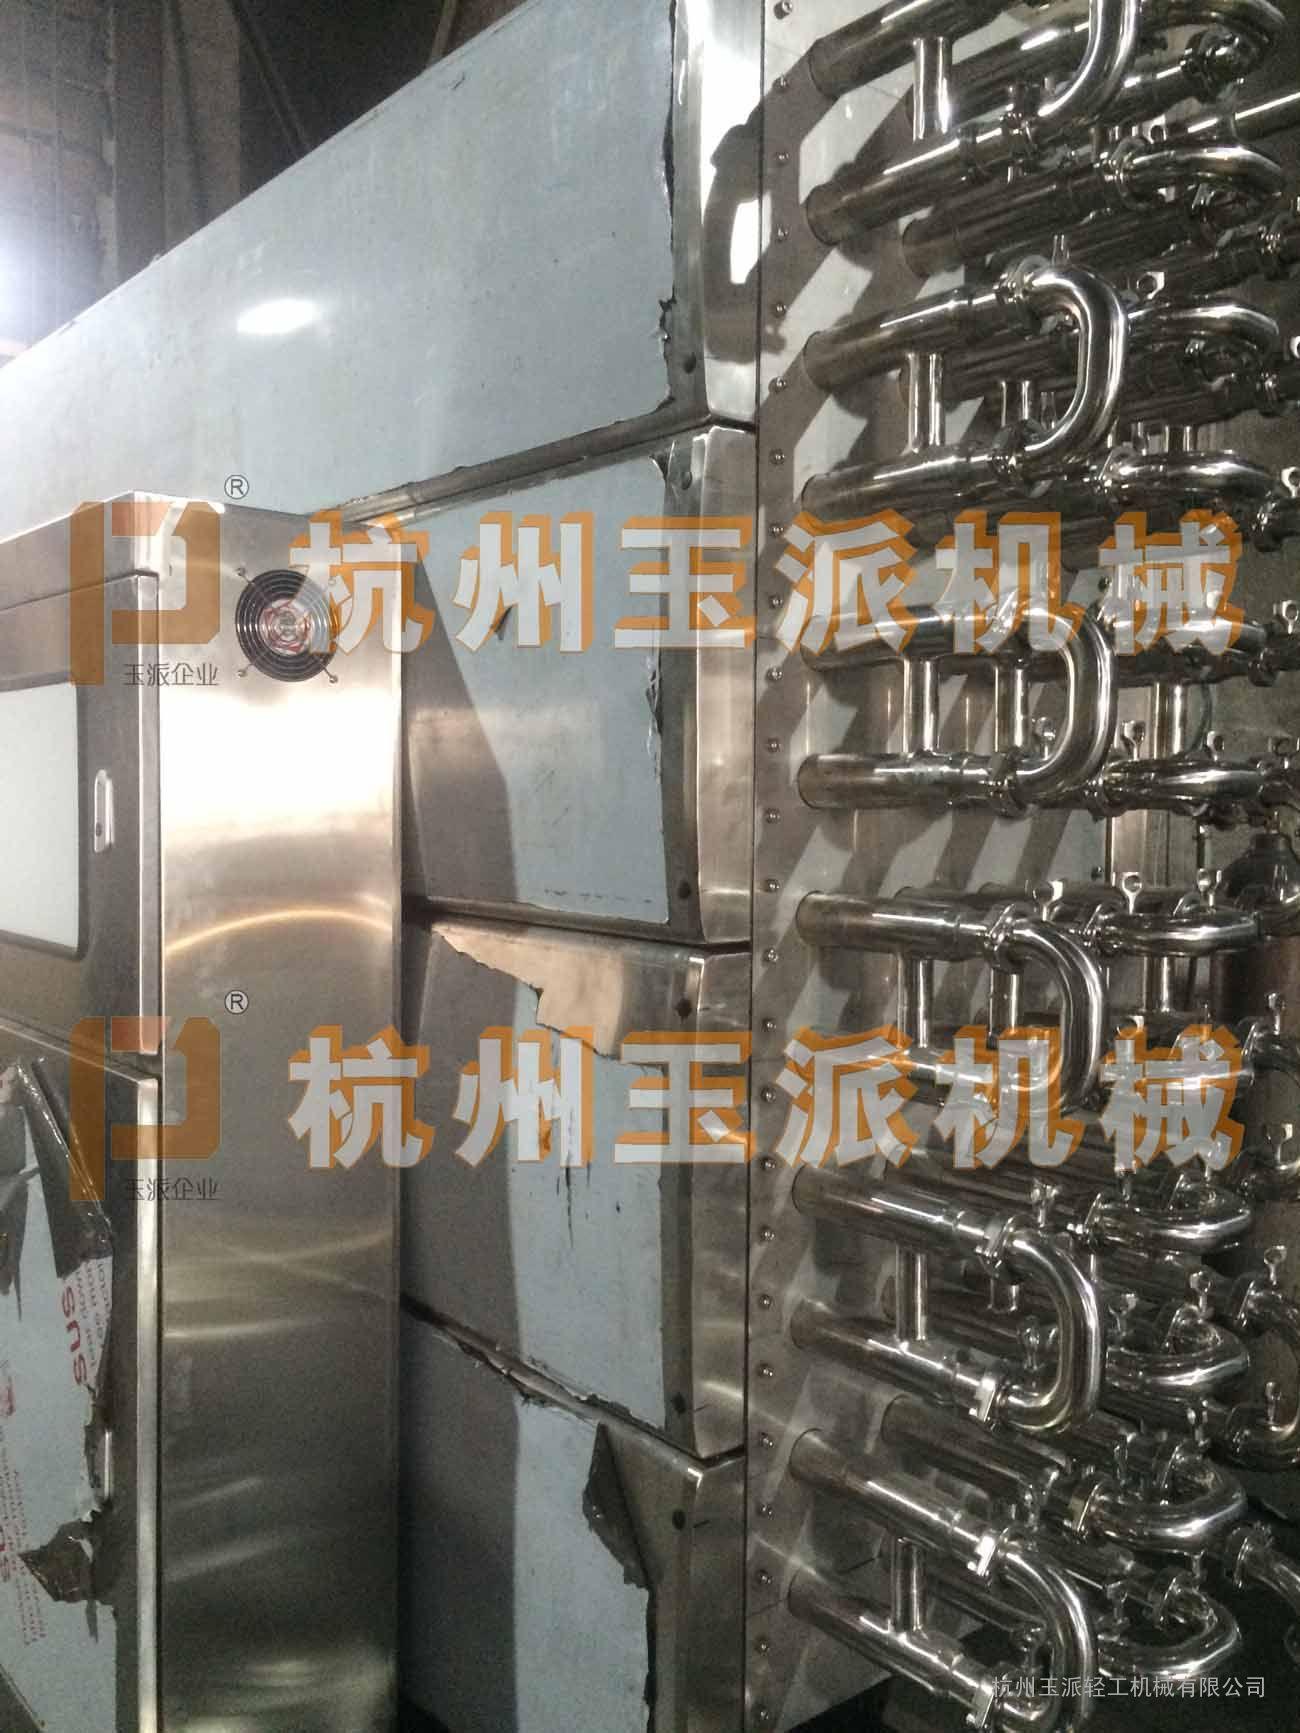 鲜牛奶管道式降温设备/鲜牛奶管道式冷却设备